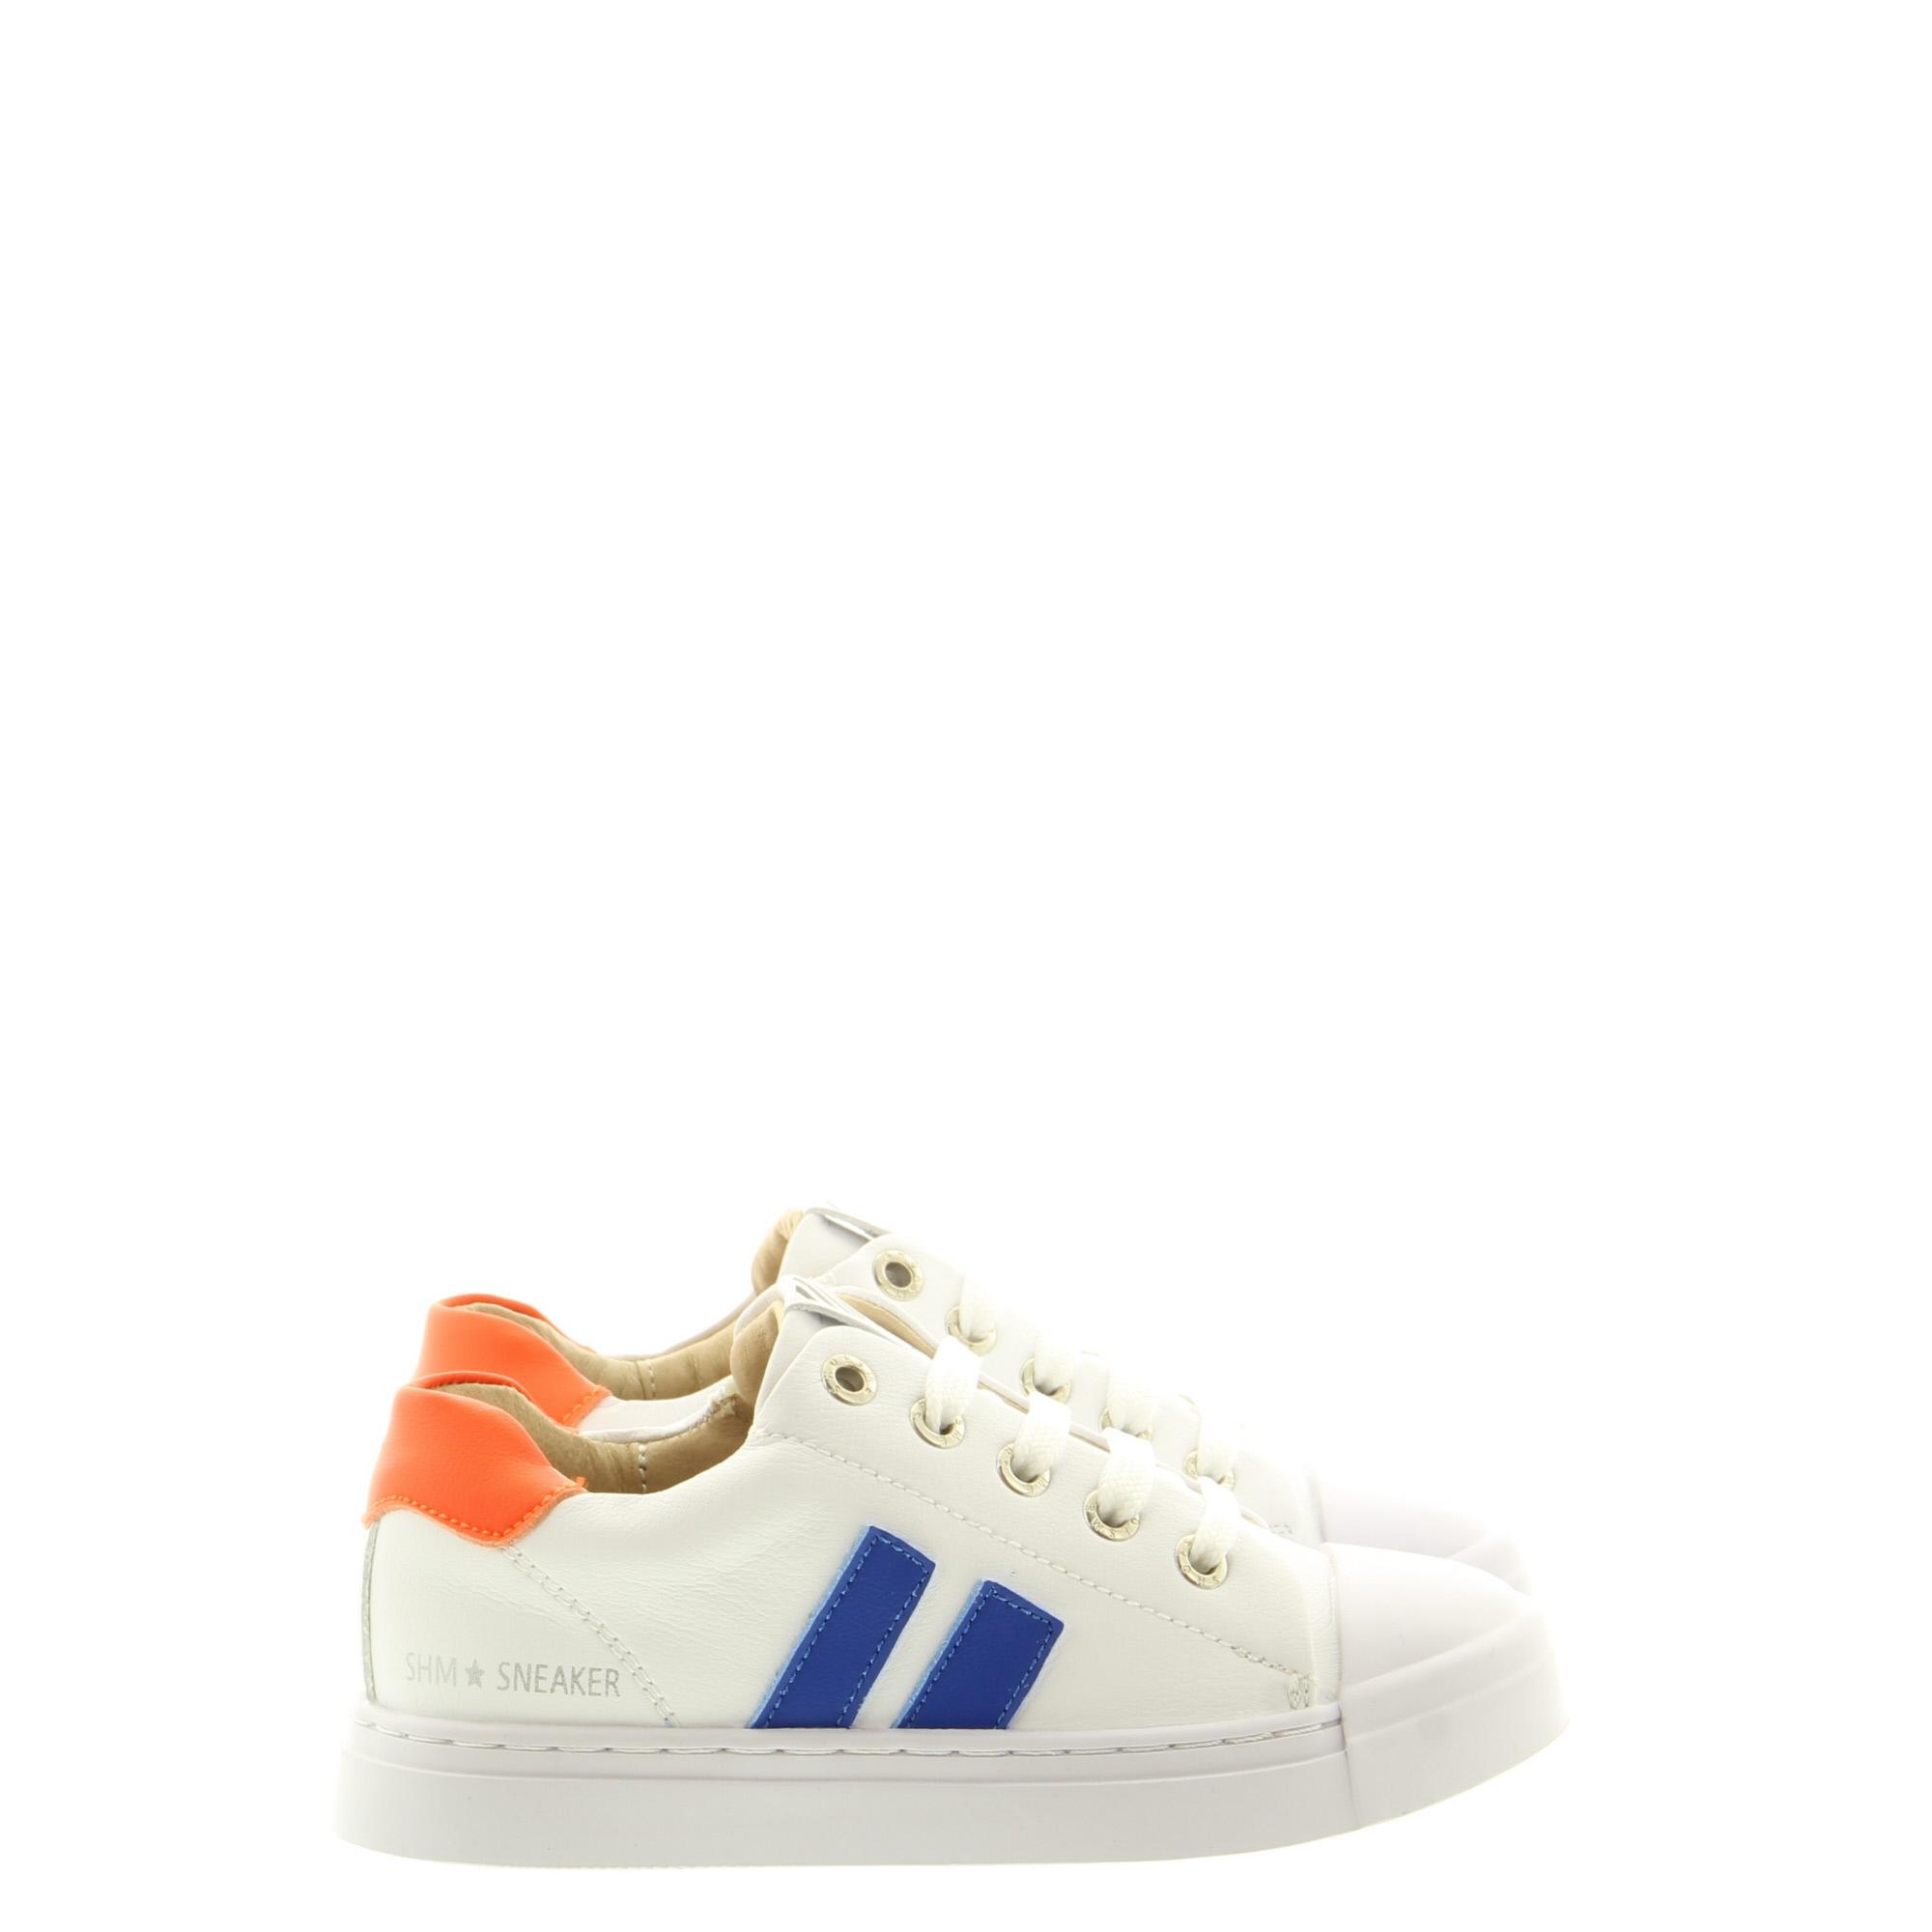 ShoesMe SH21S010-D White Orange